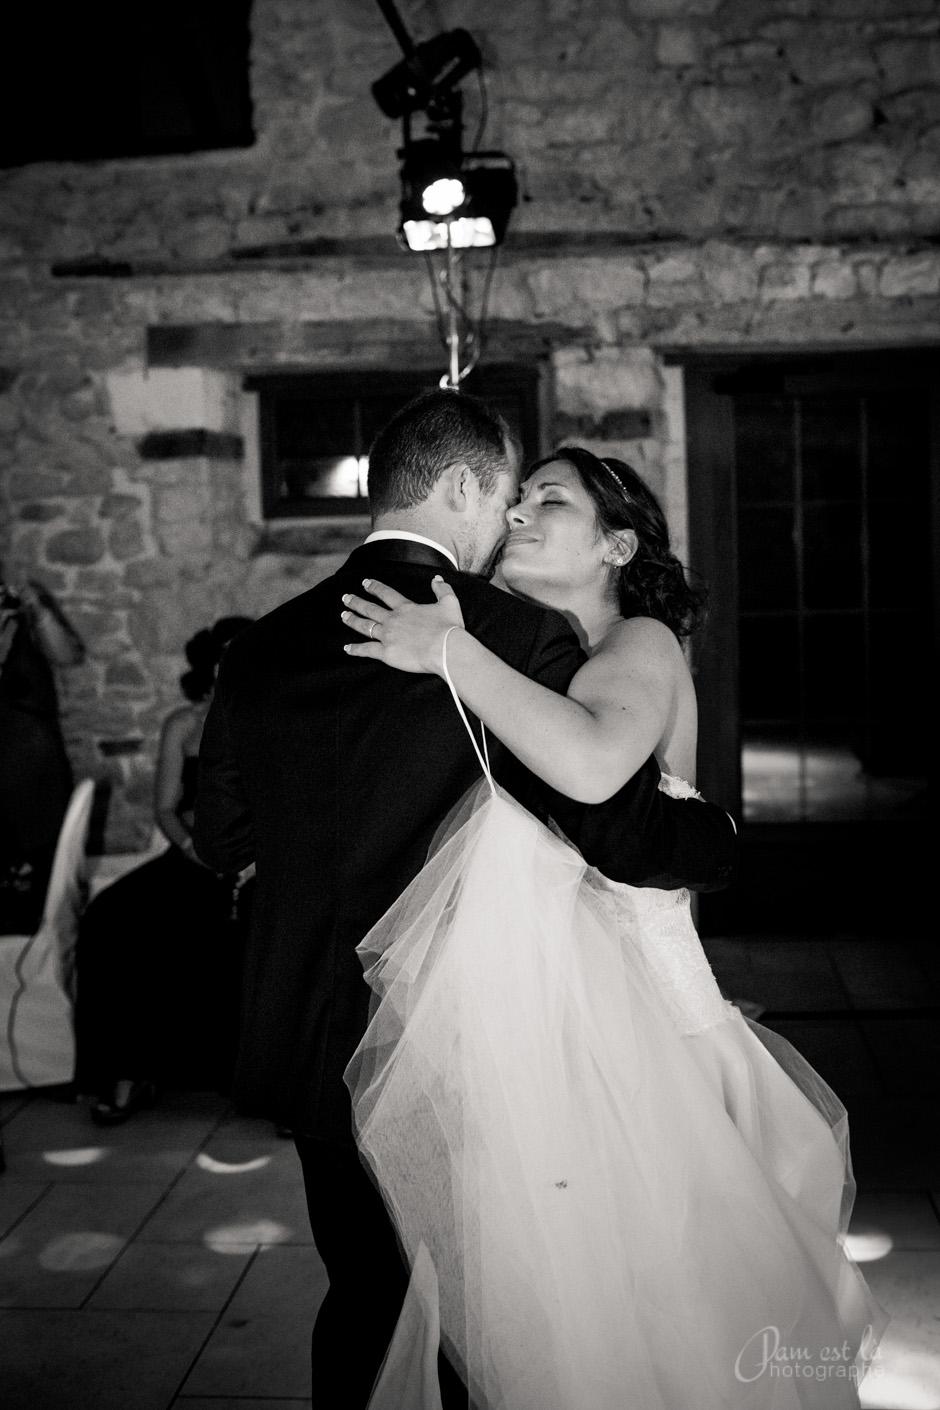 photographe-mariage-paris-normandie-830